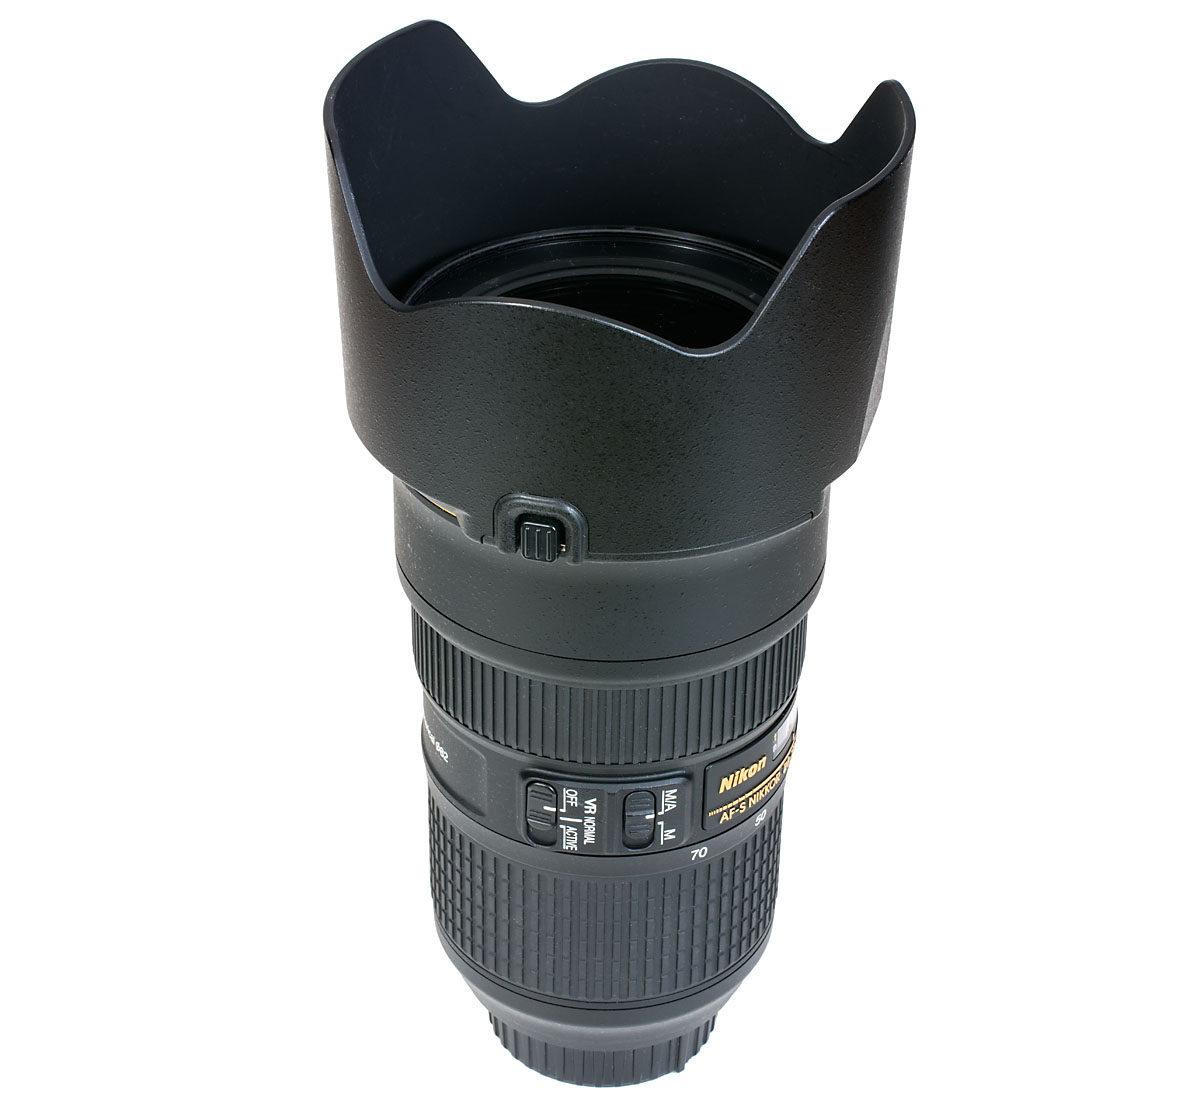 Nikon Nikkor AF-S 24-70mm f/2.8 E ED VR motljusskydd